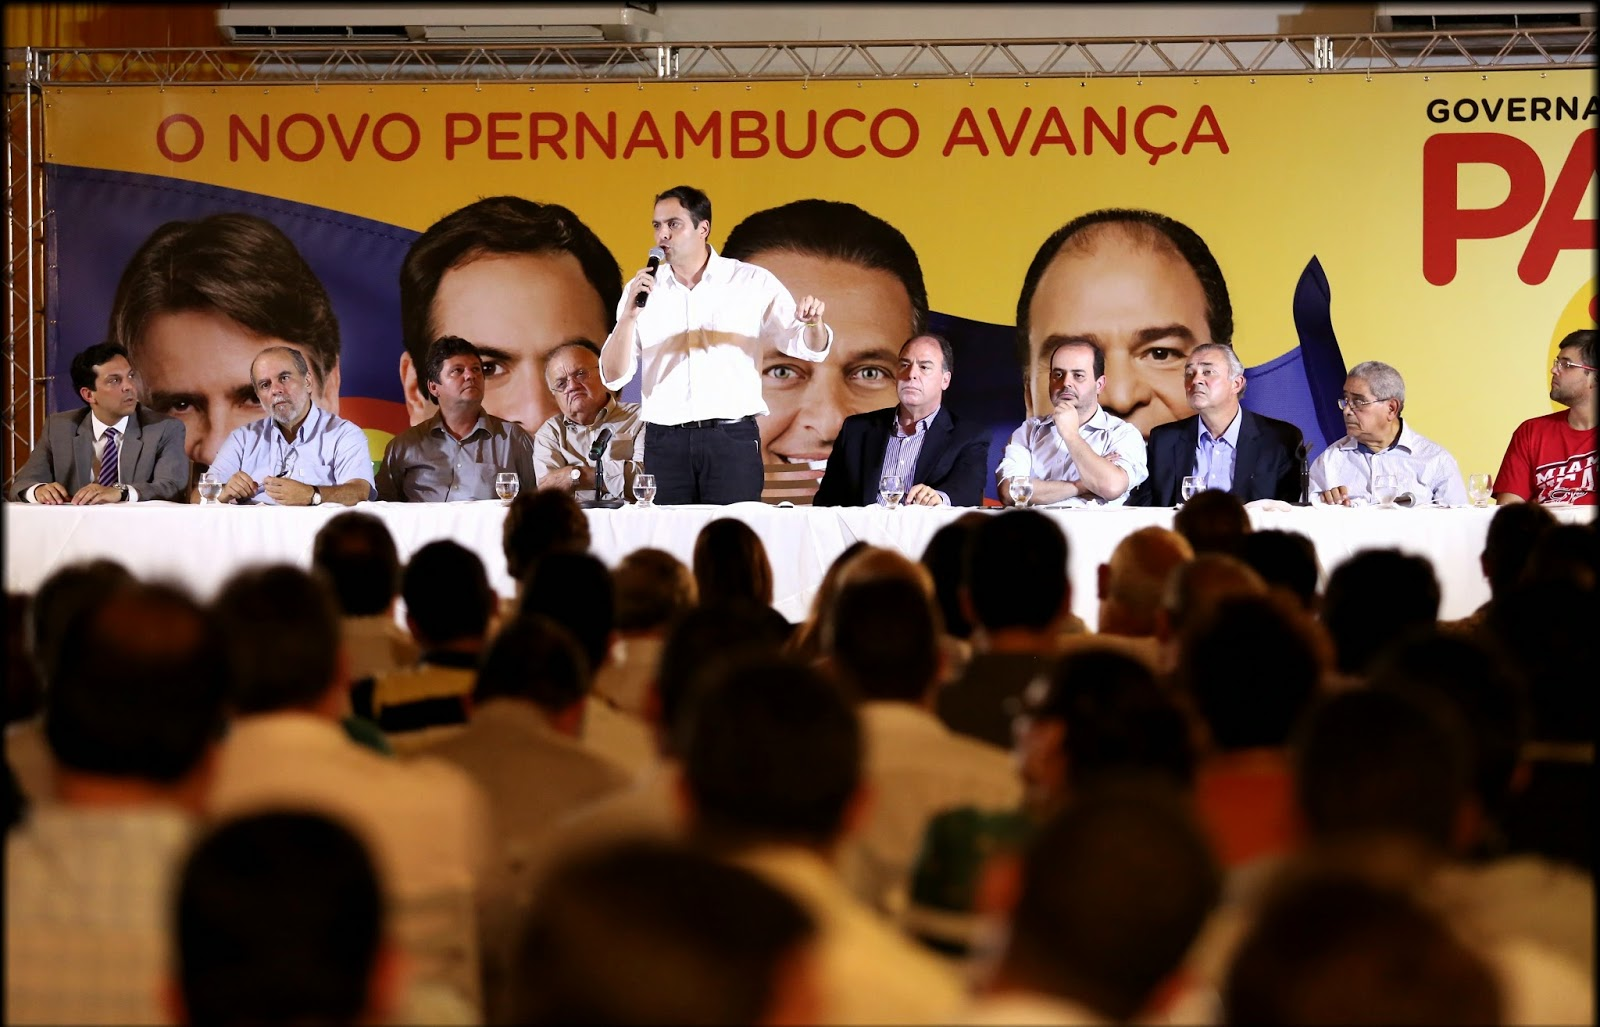 Frente Popular mobiliza tropa para campanha eleitoral